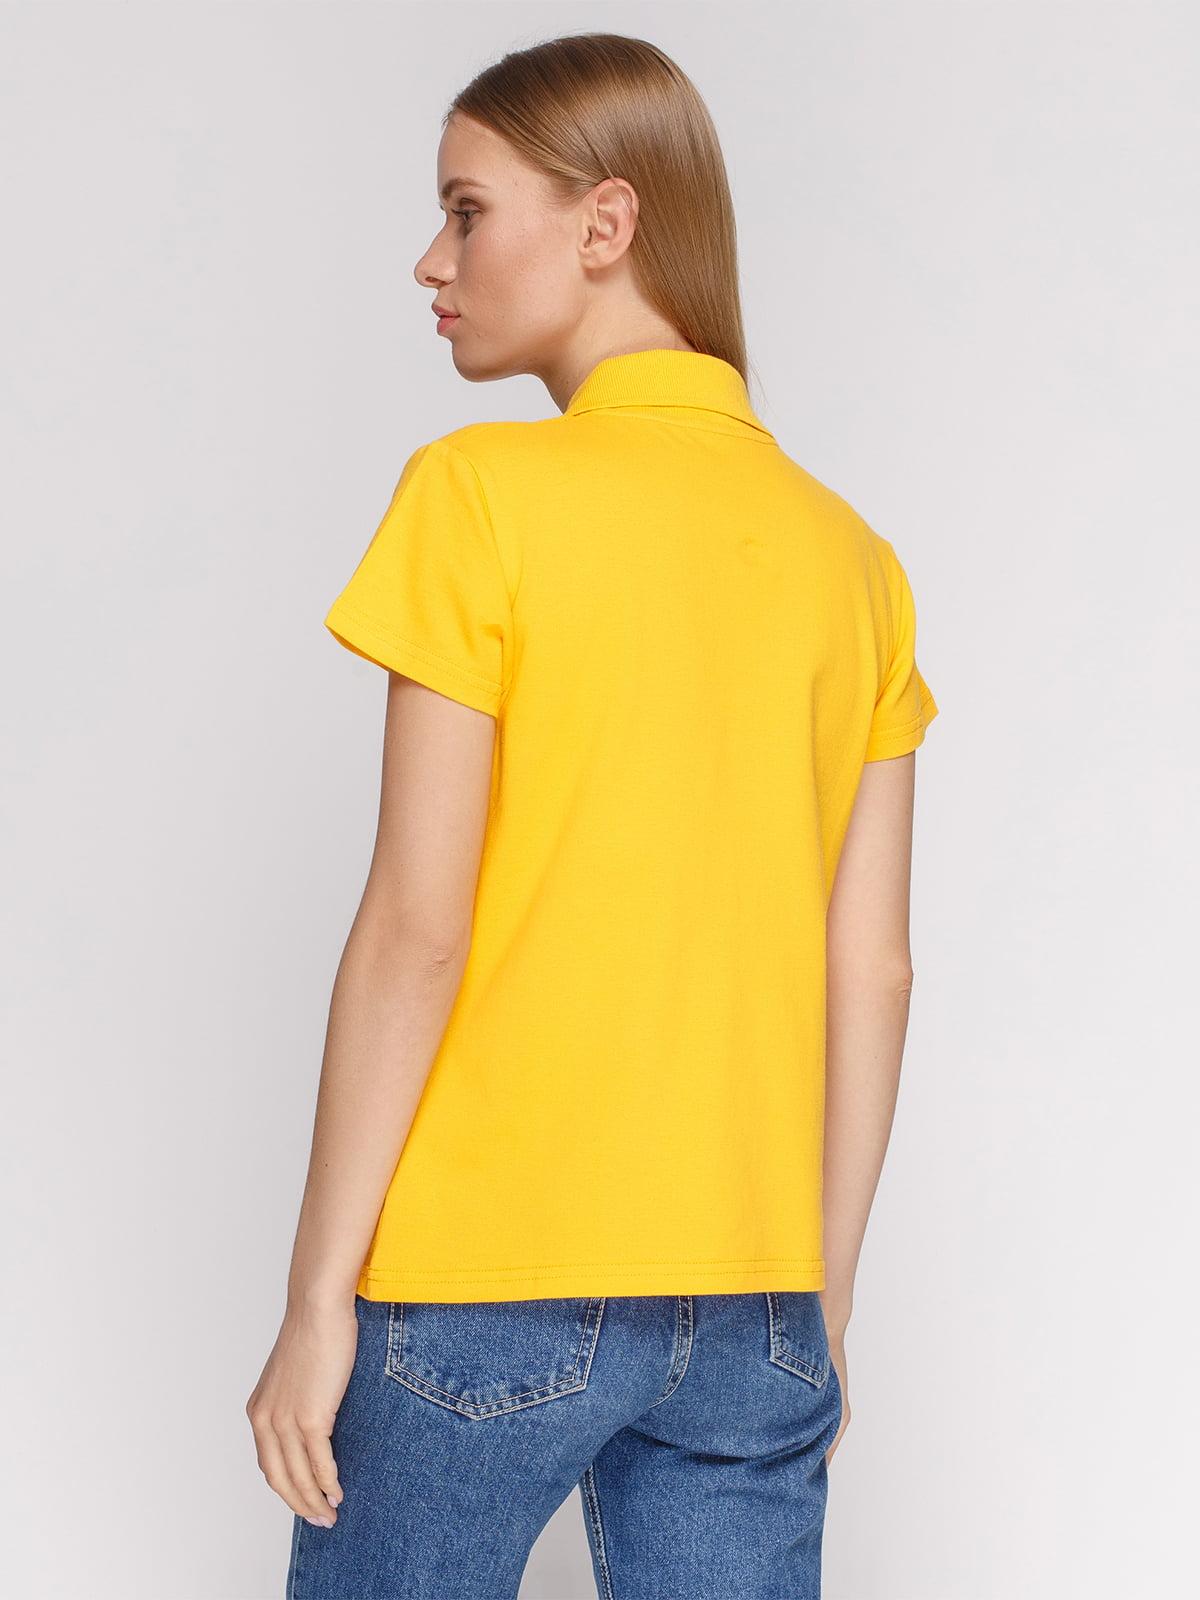 Футболка-поло желтая с принтом   4578611   фото 2